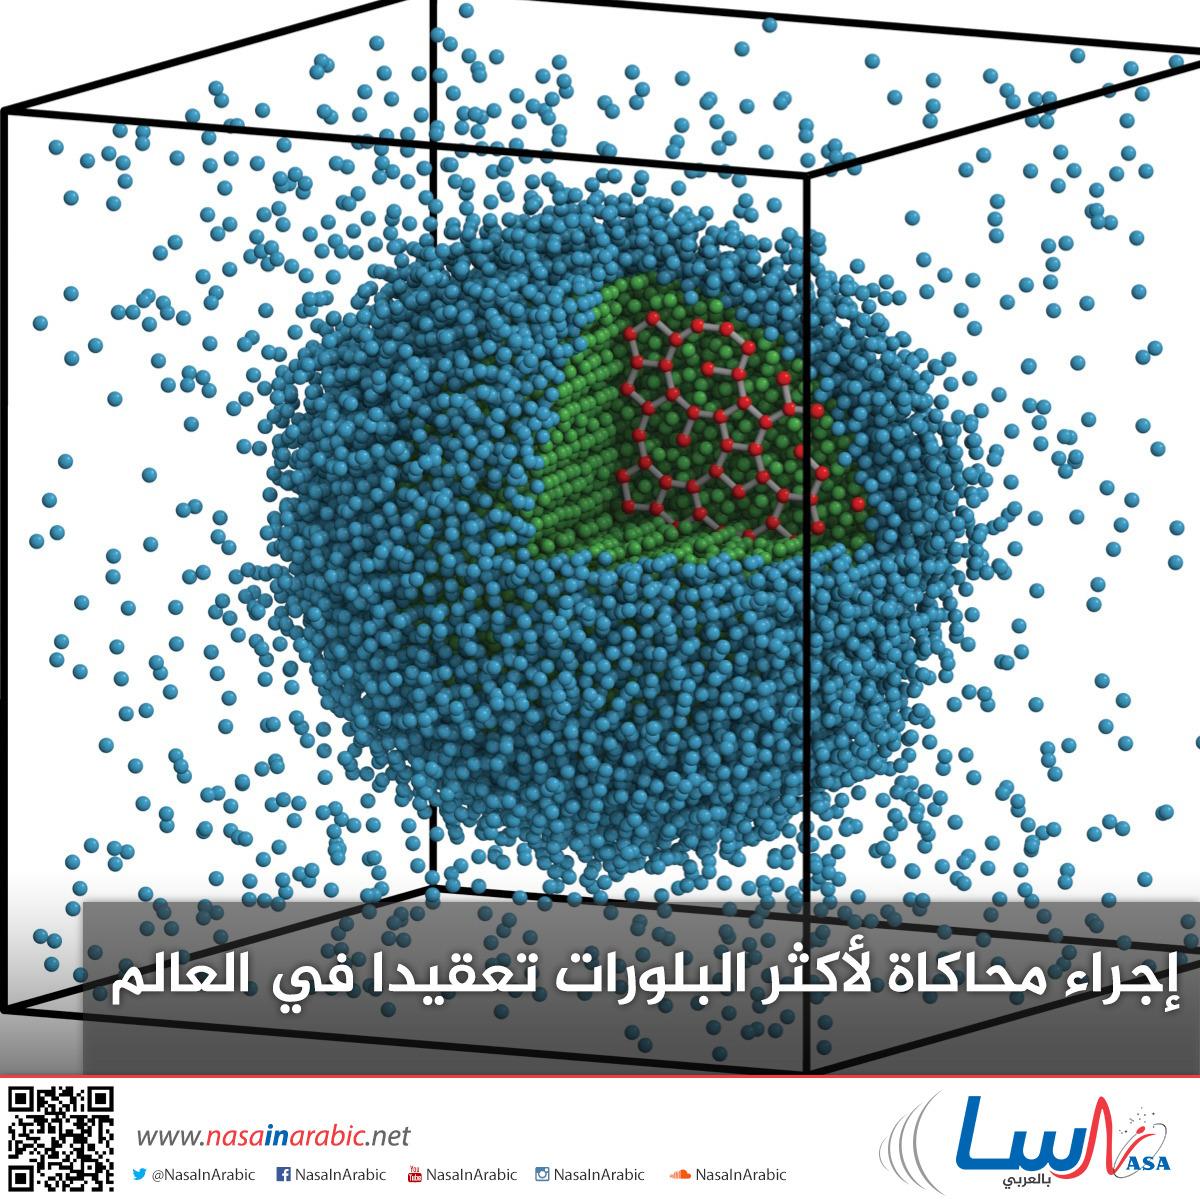 إجراء محاكاة لأكثر البلورات تعقيدا في العالم